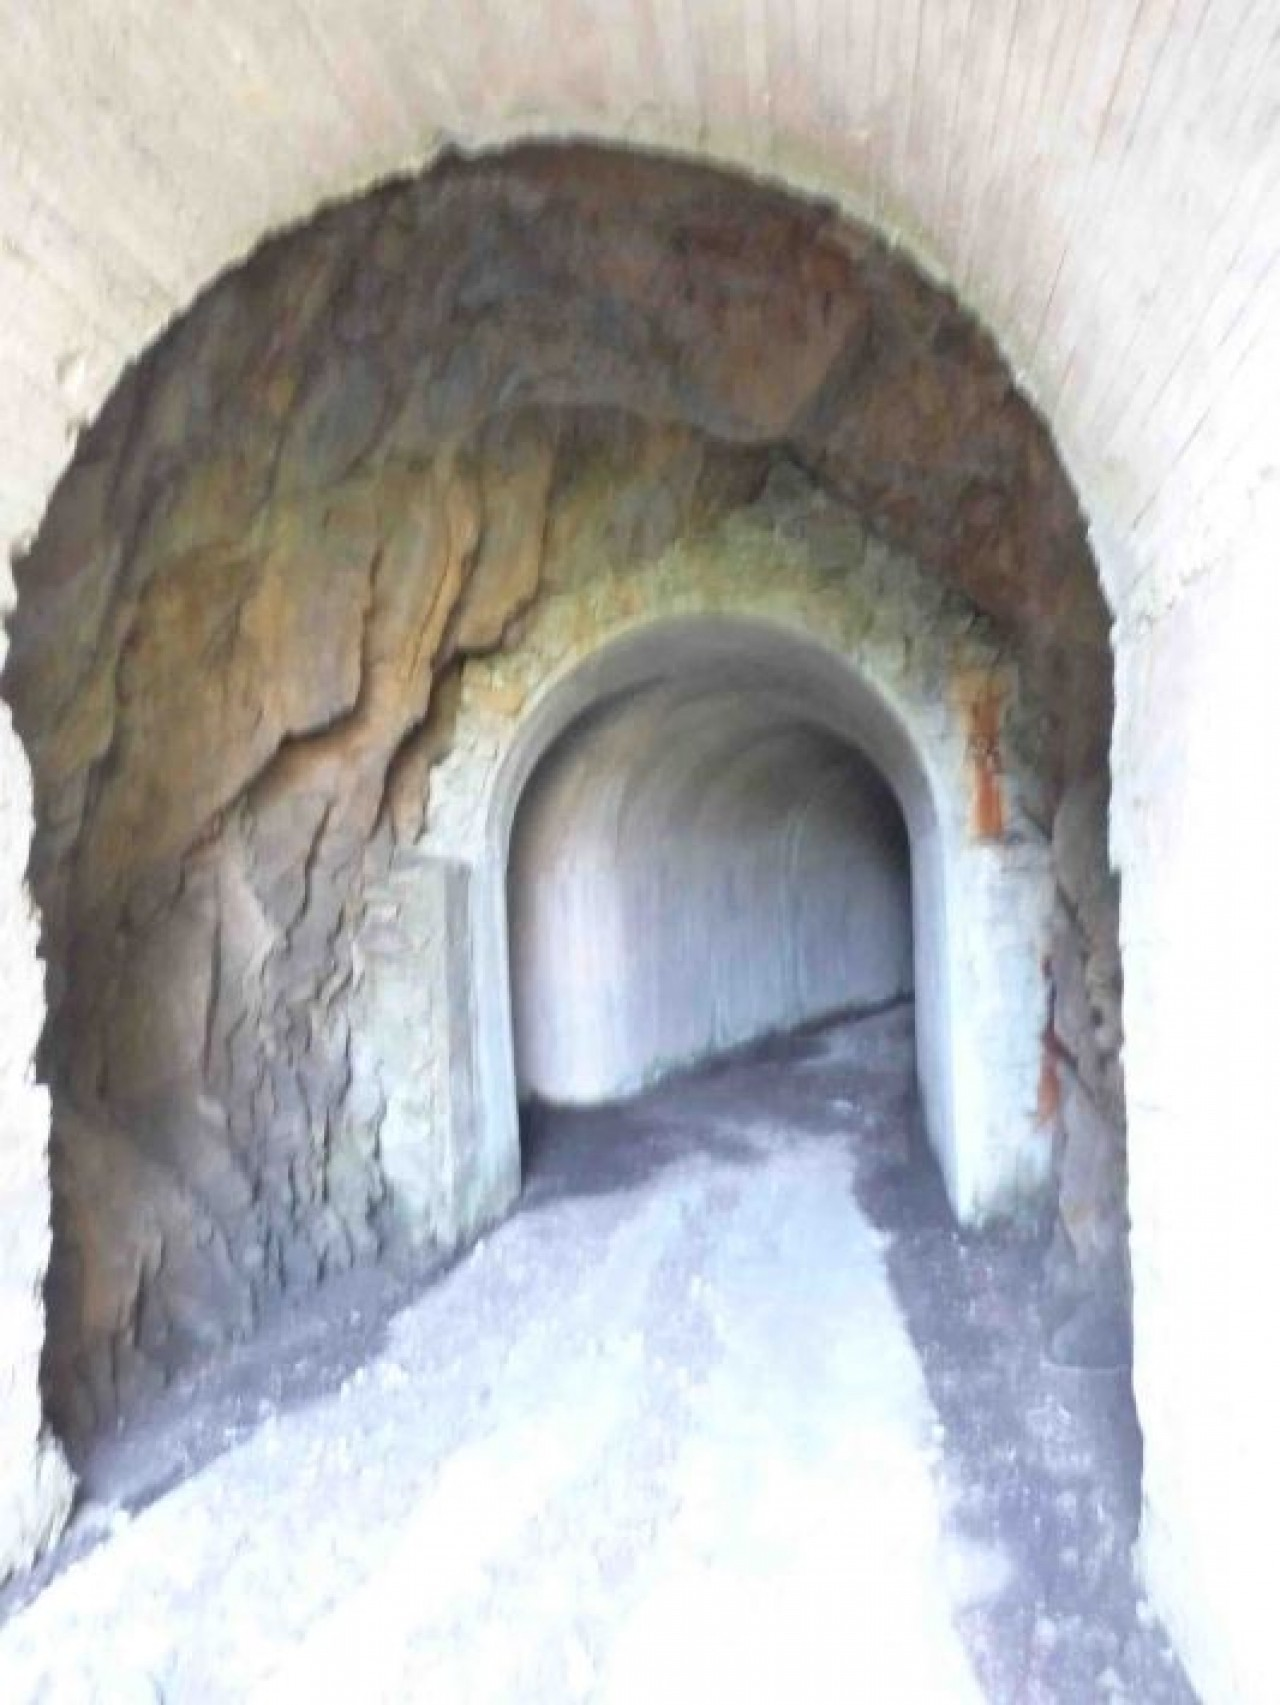 entrada_tunel-prior-norte